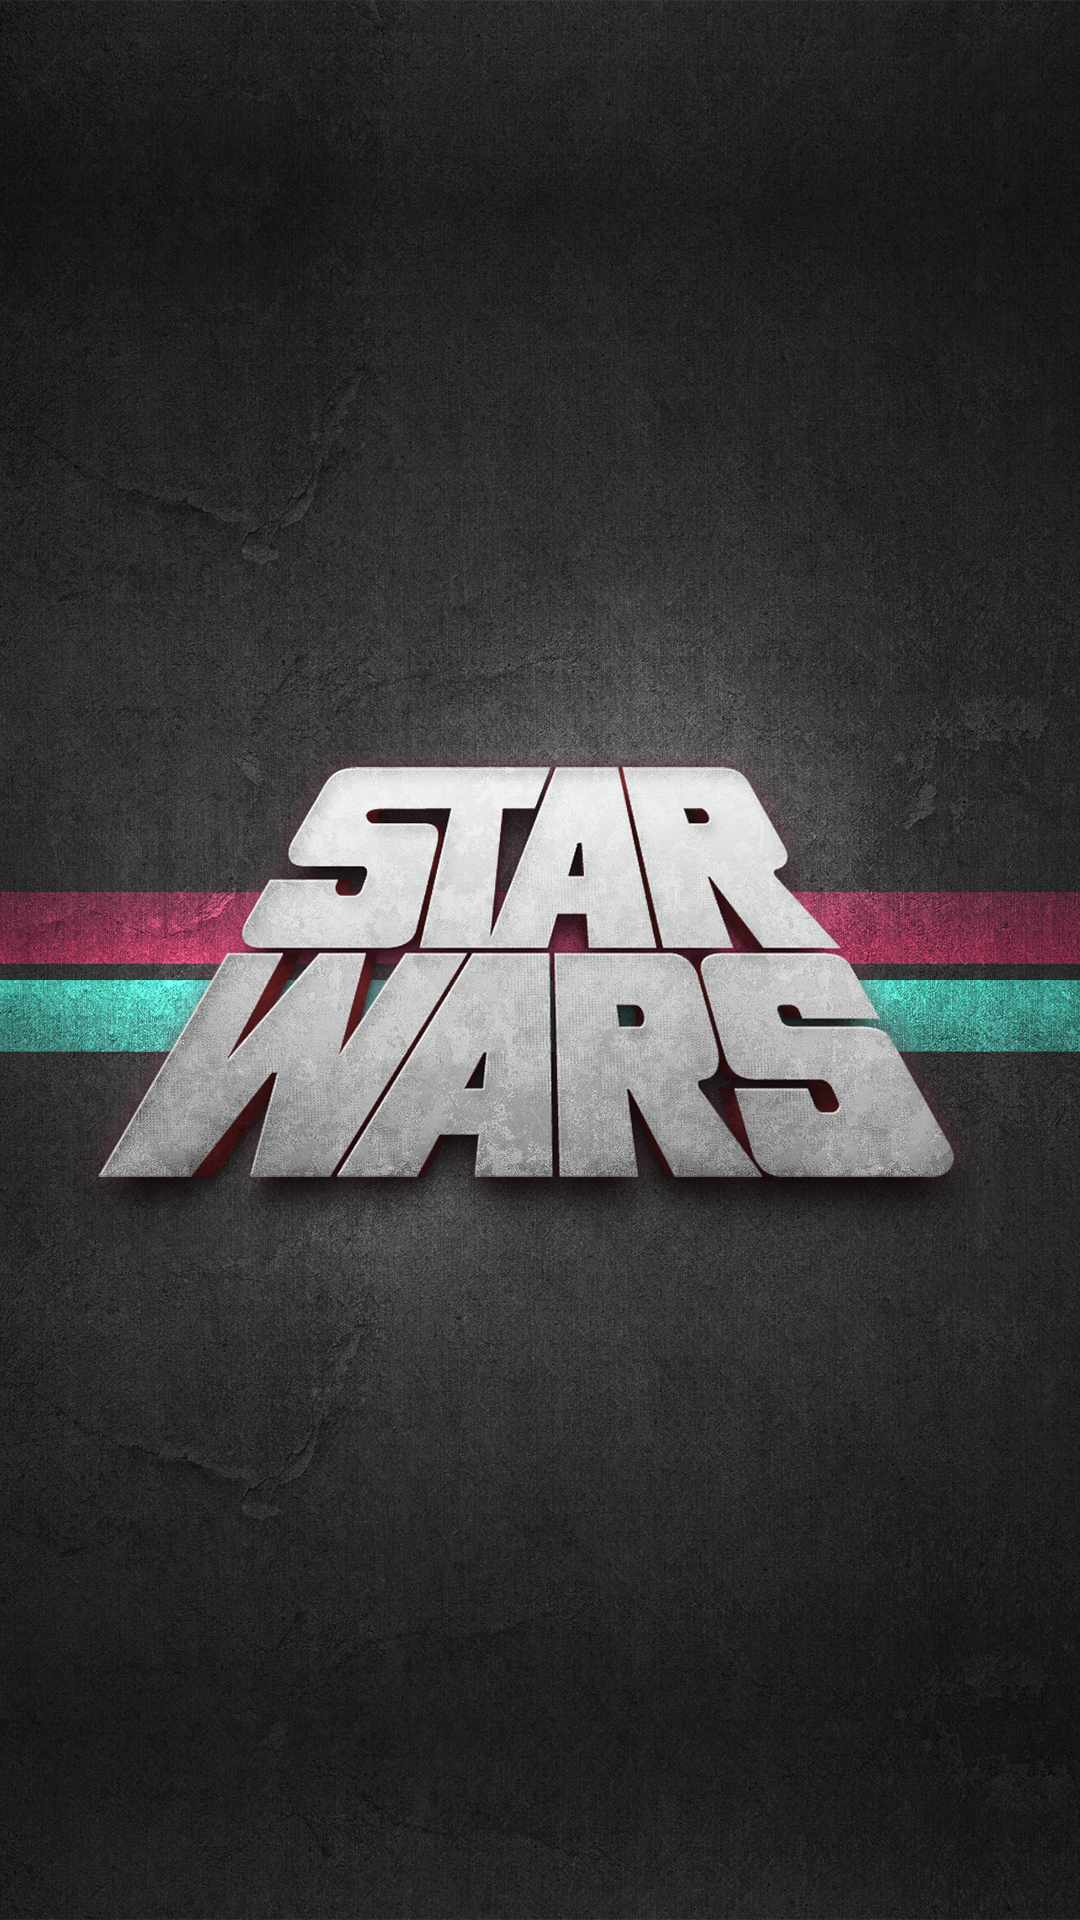 Old School Force Star Wars htc one wallpaper